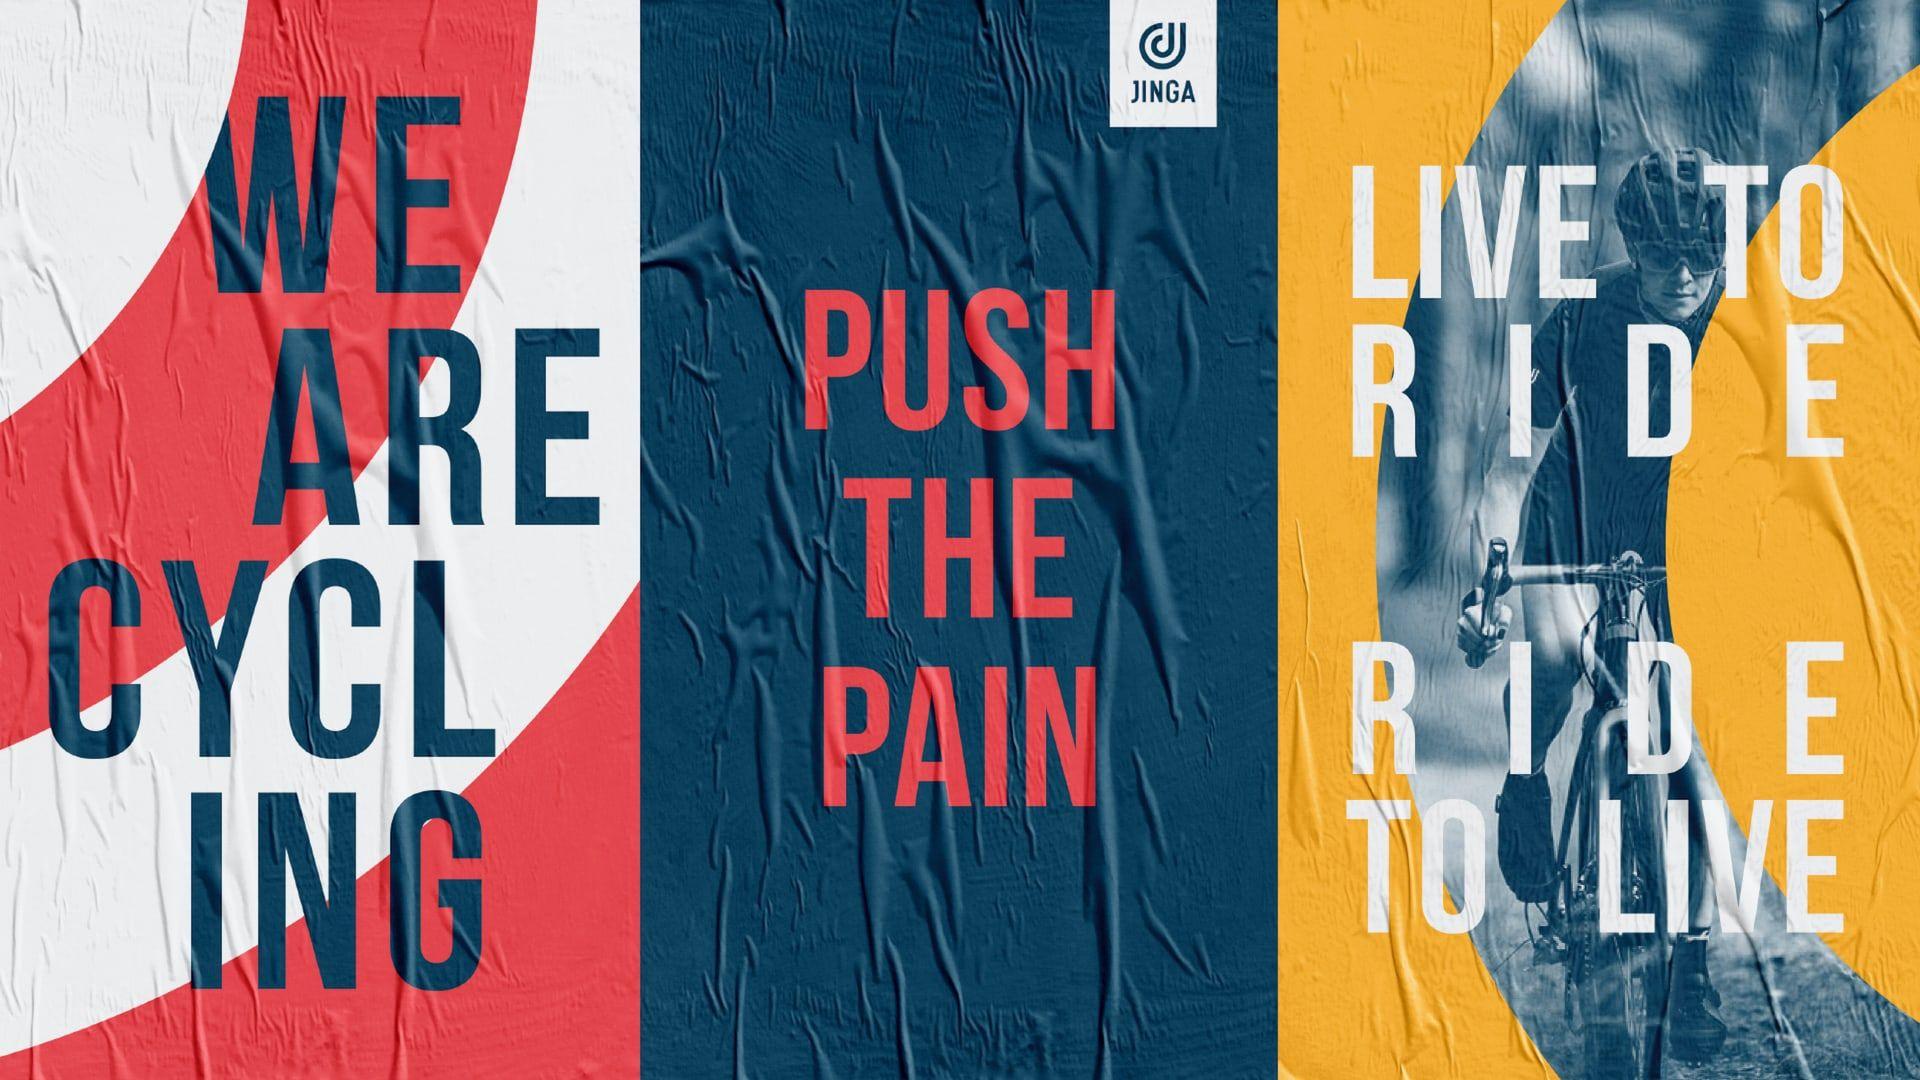 Jinga branded posters